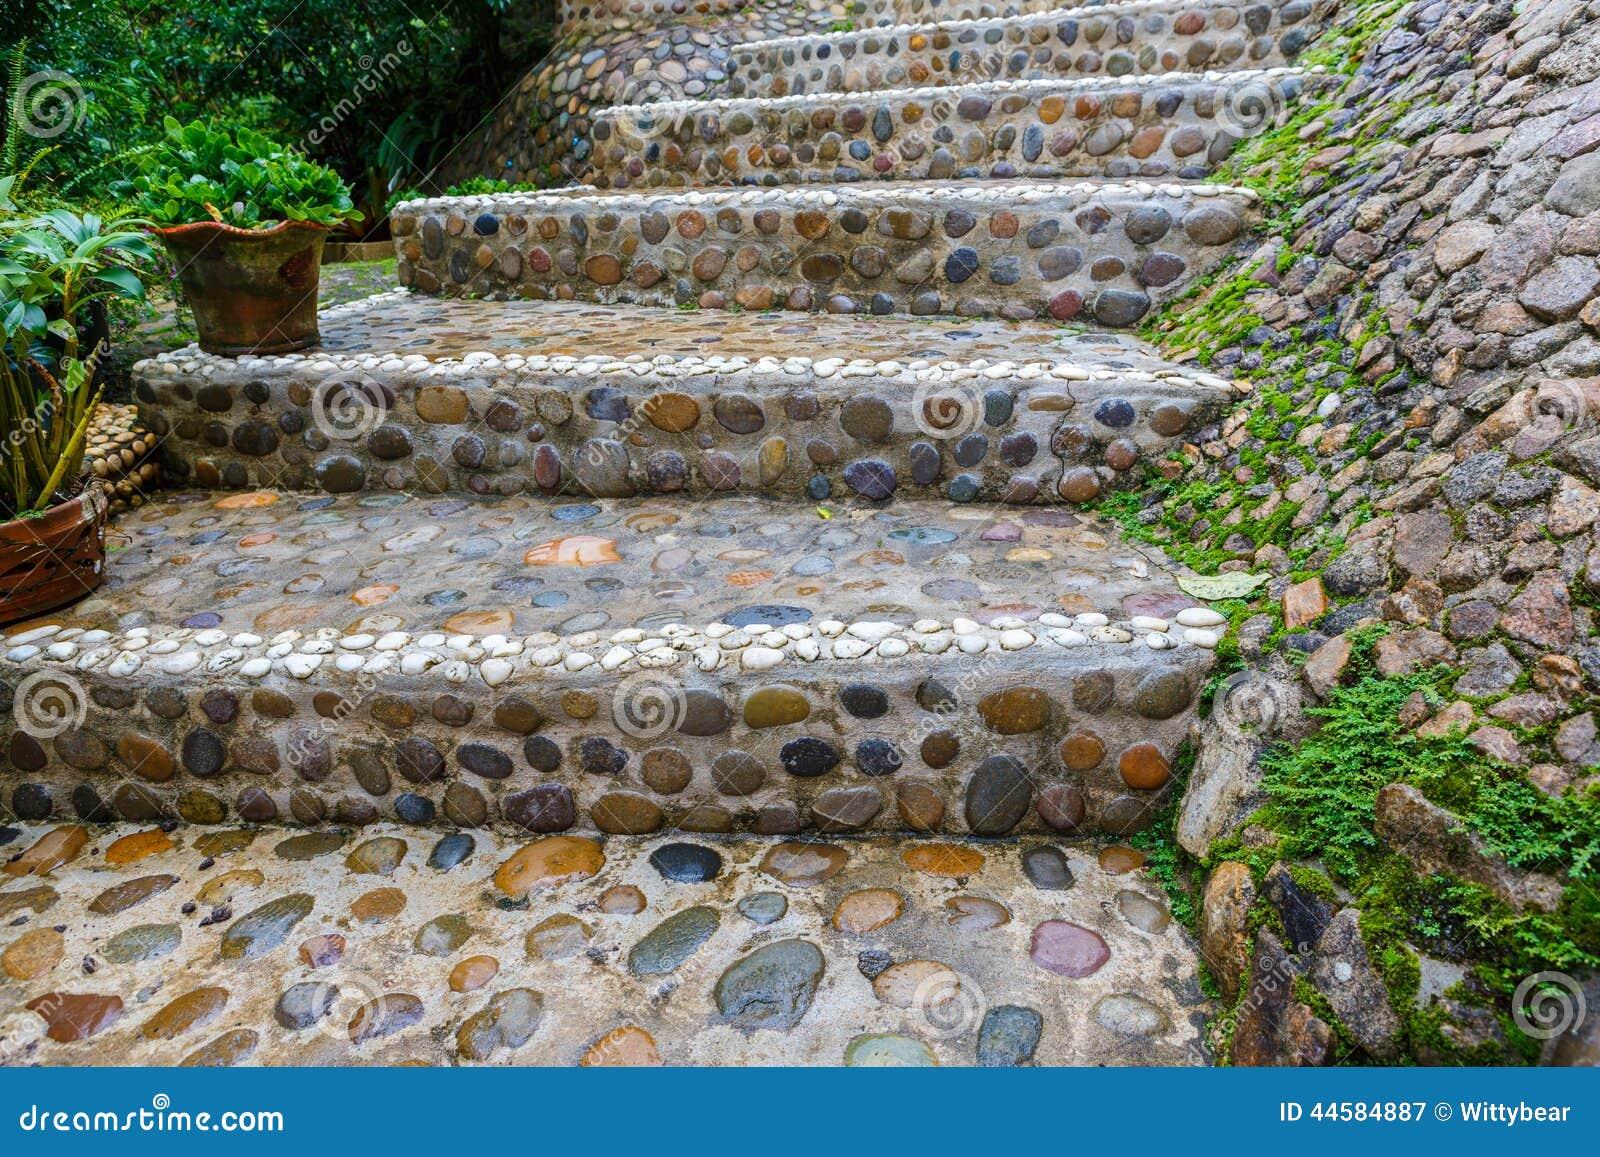 Percorso di pietra delle scale in giardino immagine stock immagine di giardino scale 44584887 - Scale in giardino ...